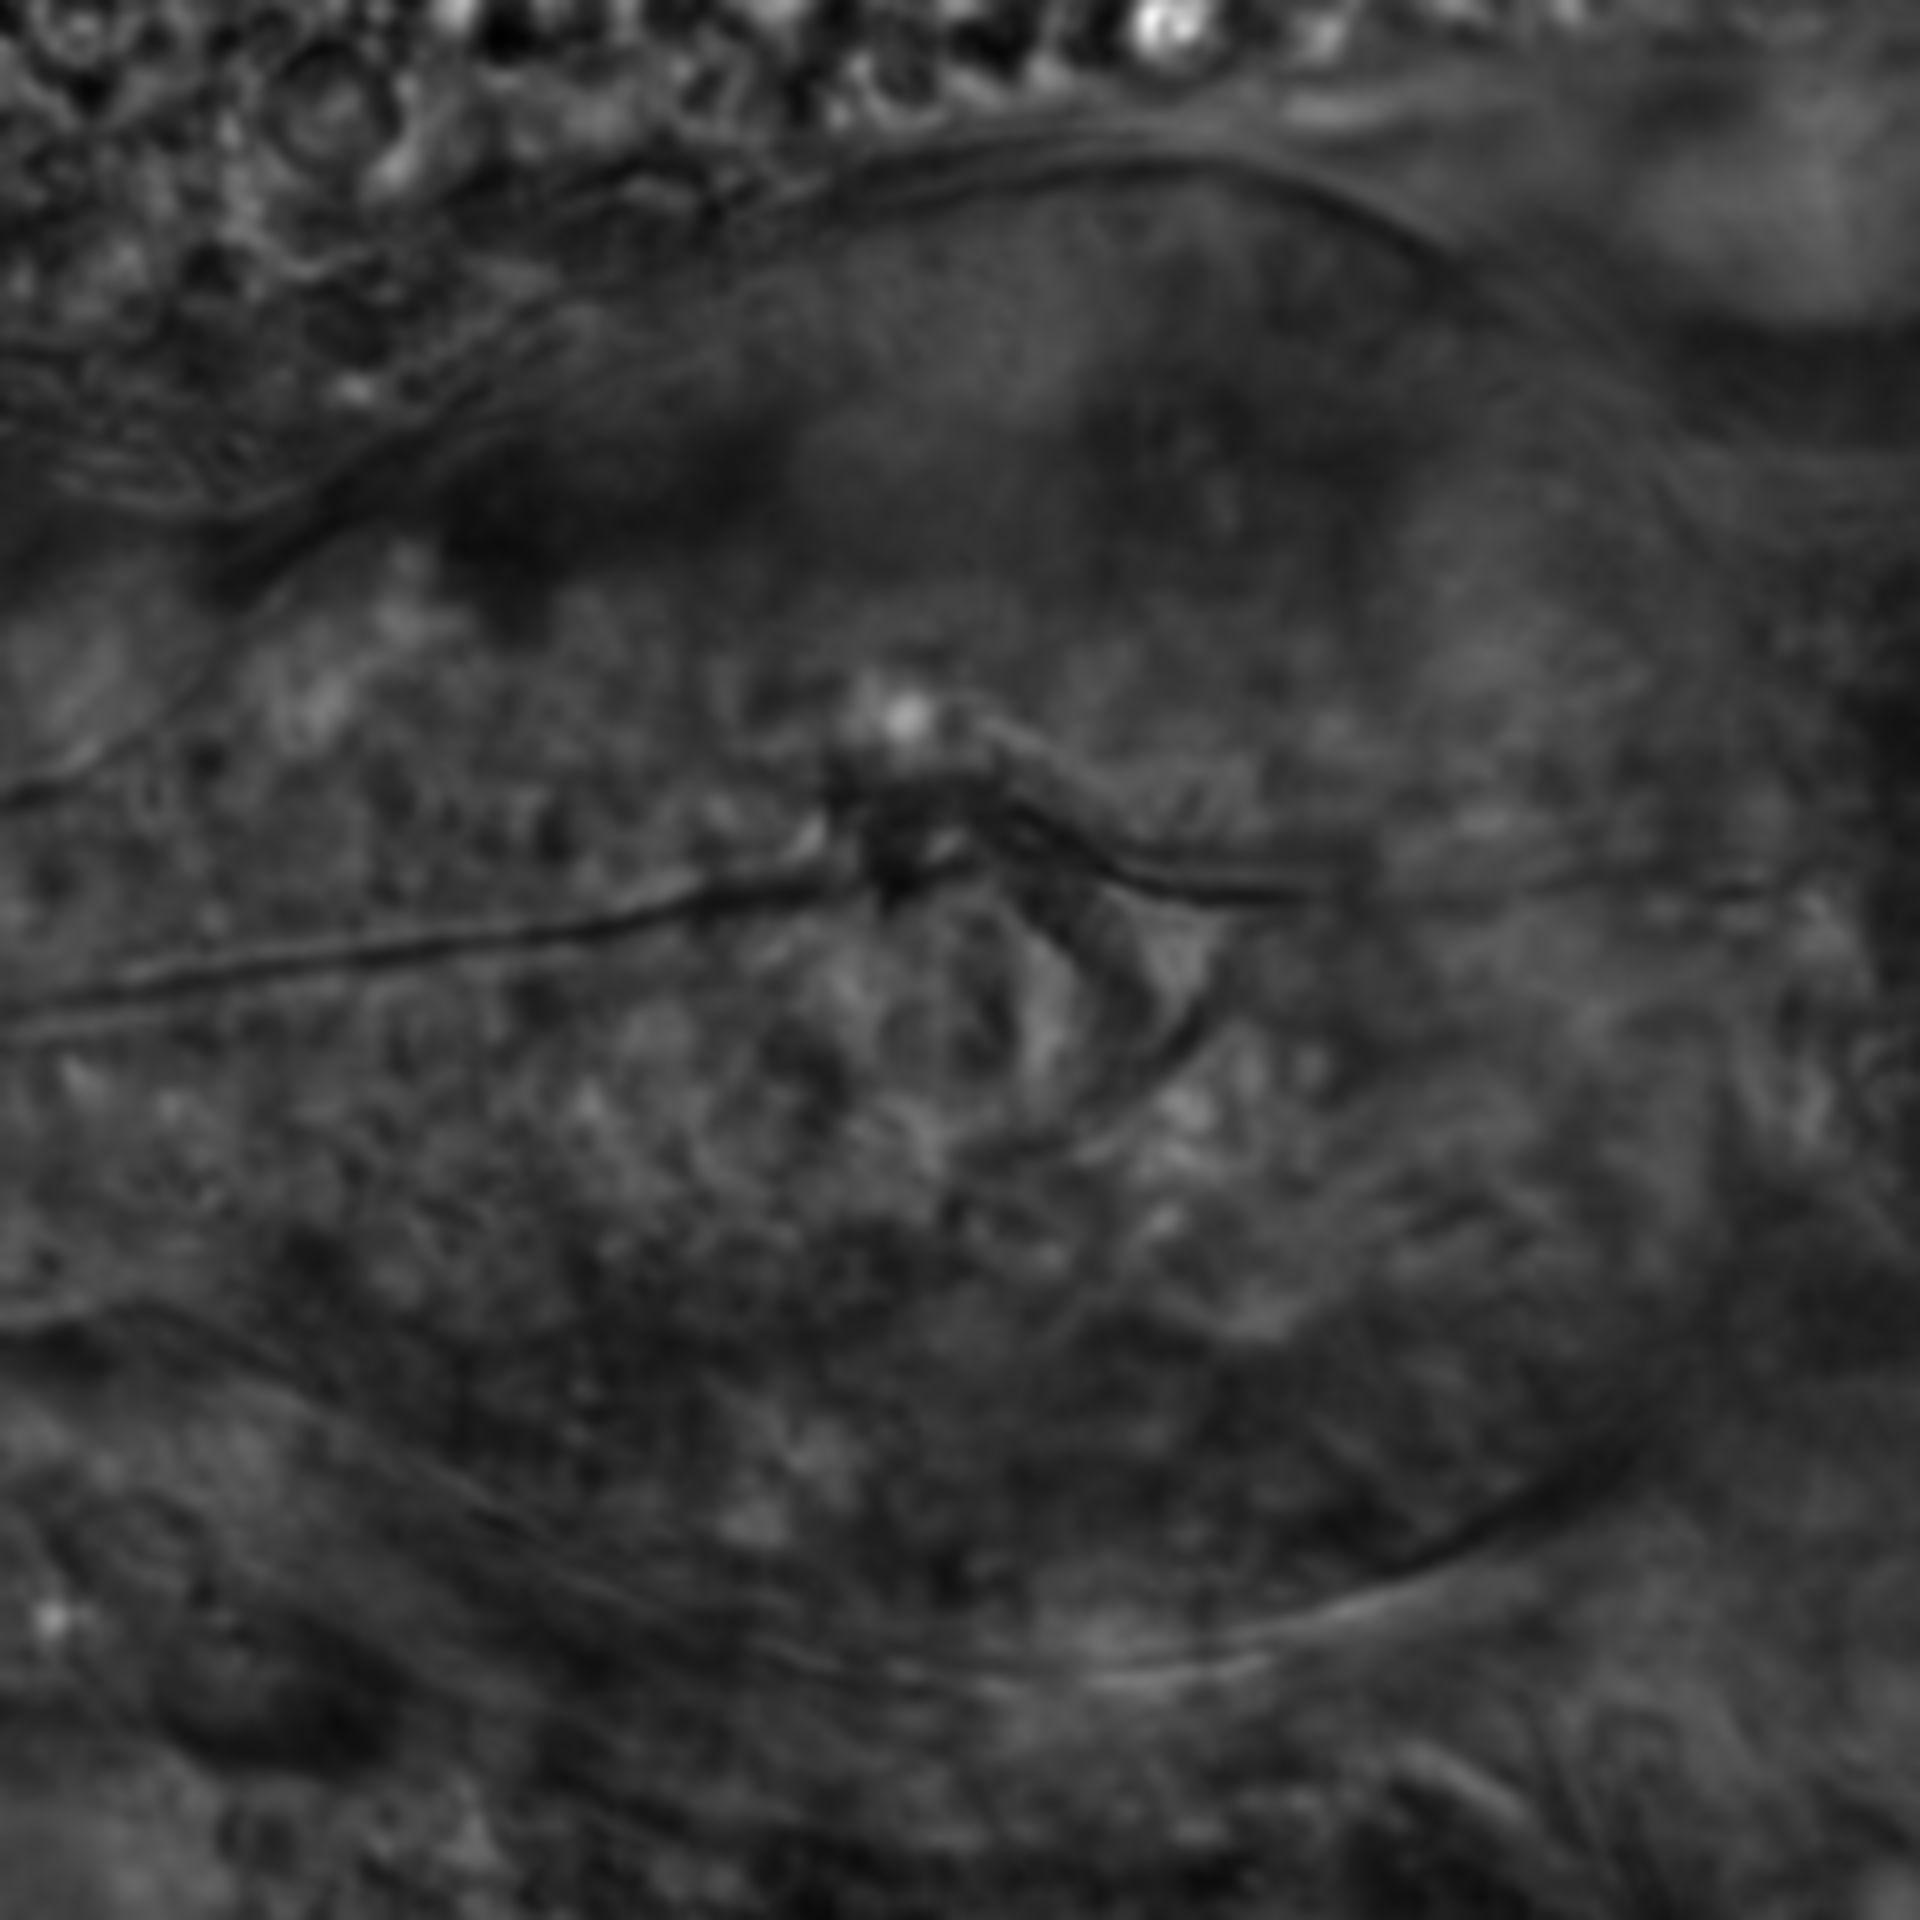 Caenorhabditis elegans - CIL:2765